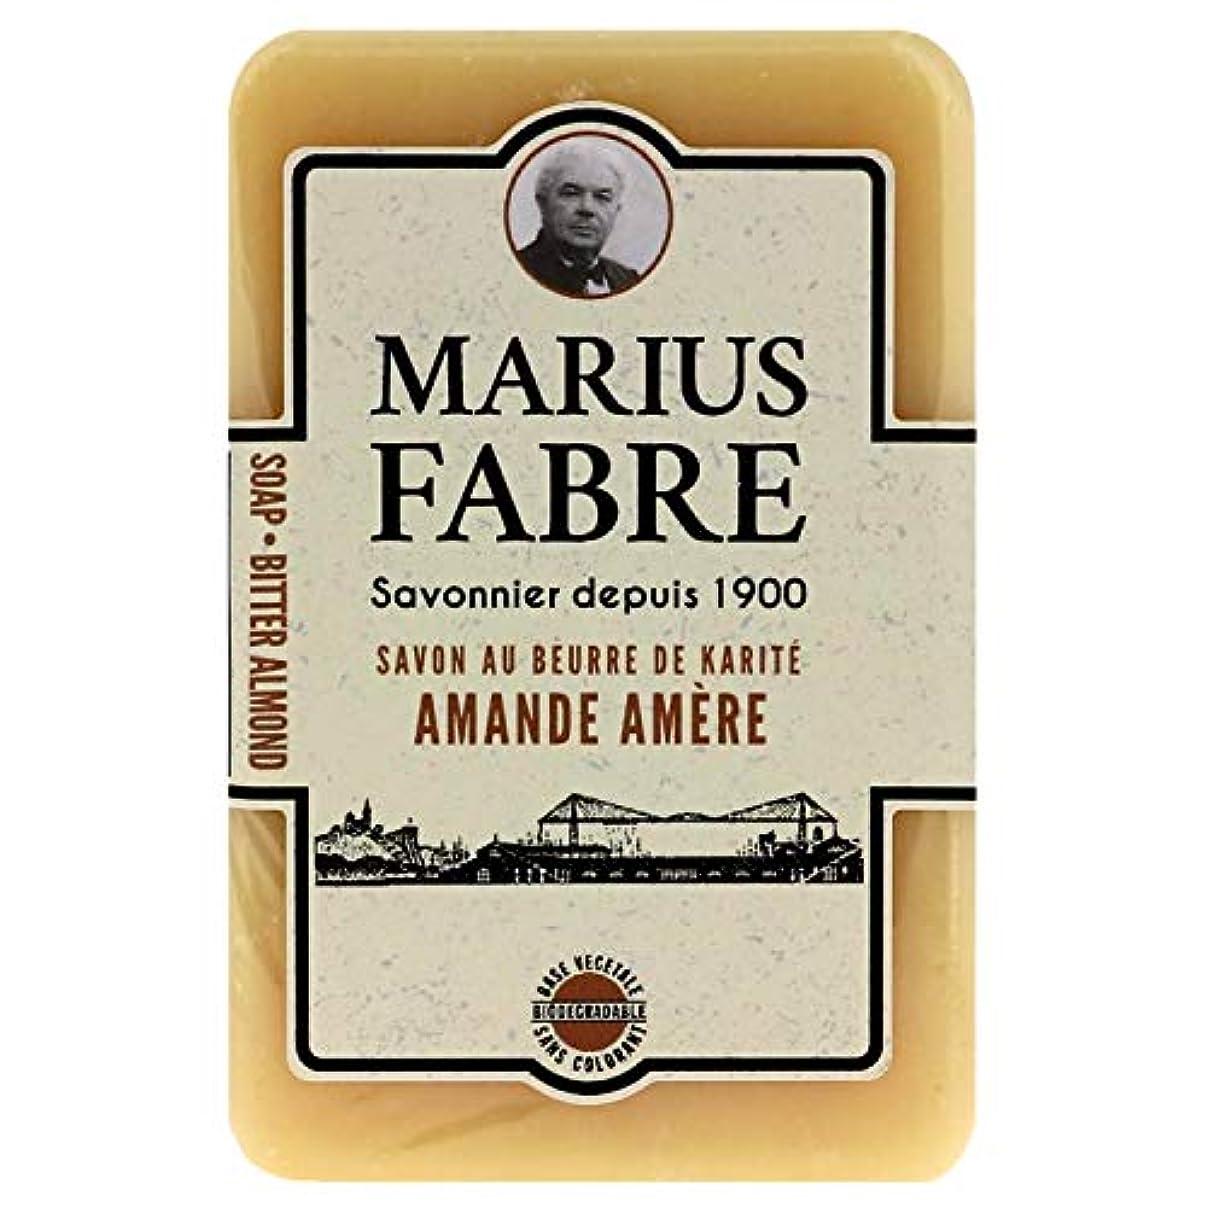 気晴らしオリエンテーション物語サボンドマルセイユ 1900 ビターアーモンド 250g